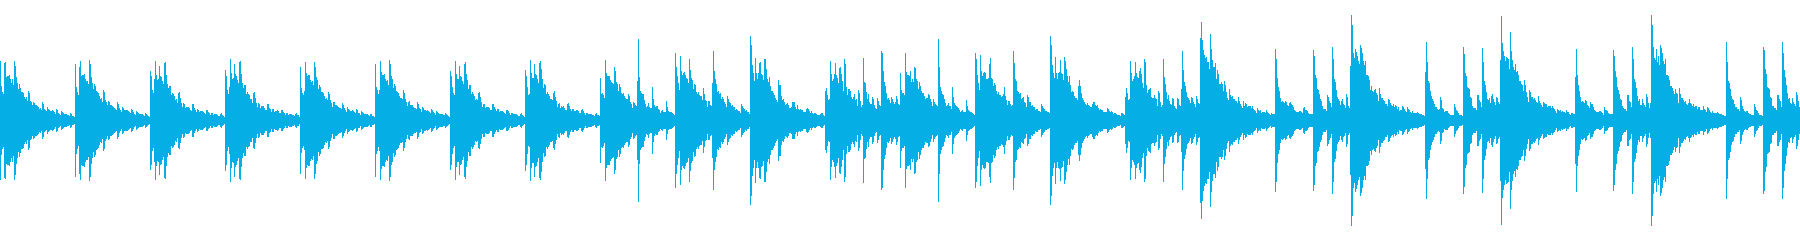 切ないピアノ楽曲3(ループ仕様)の再生済みの波形